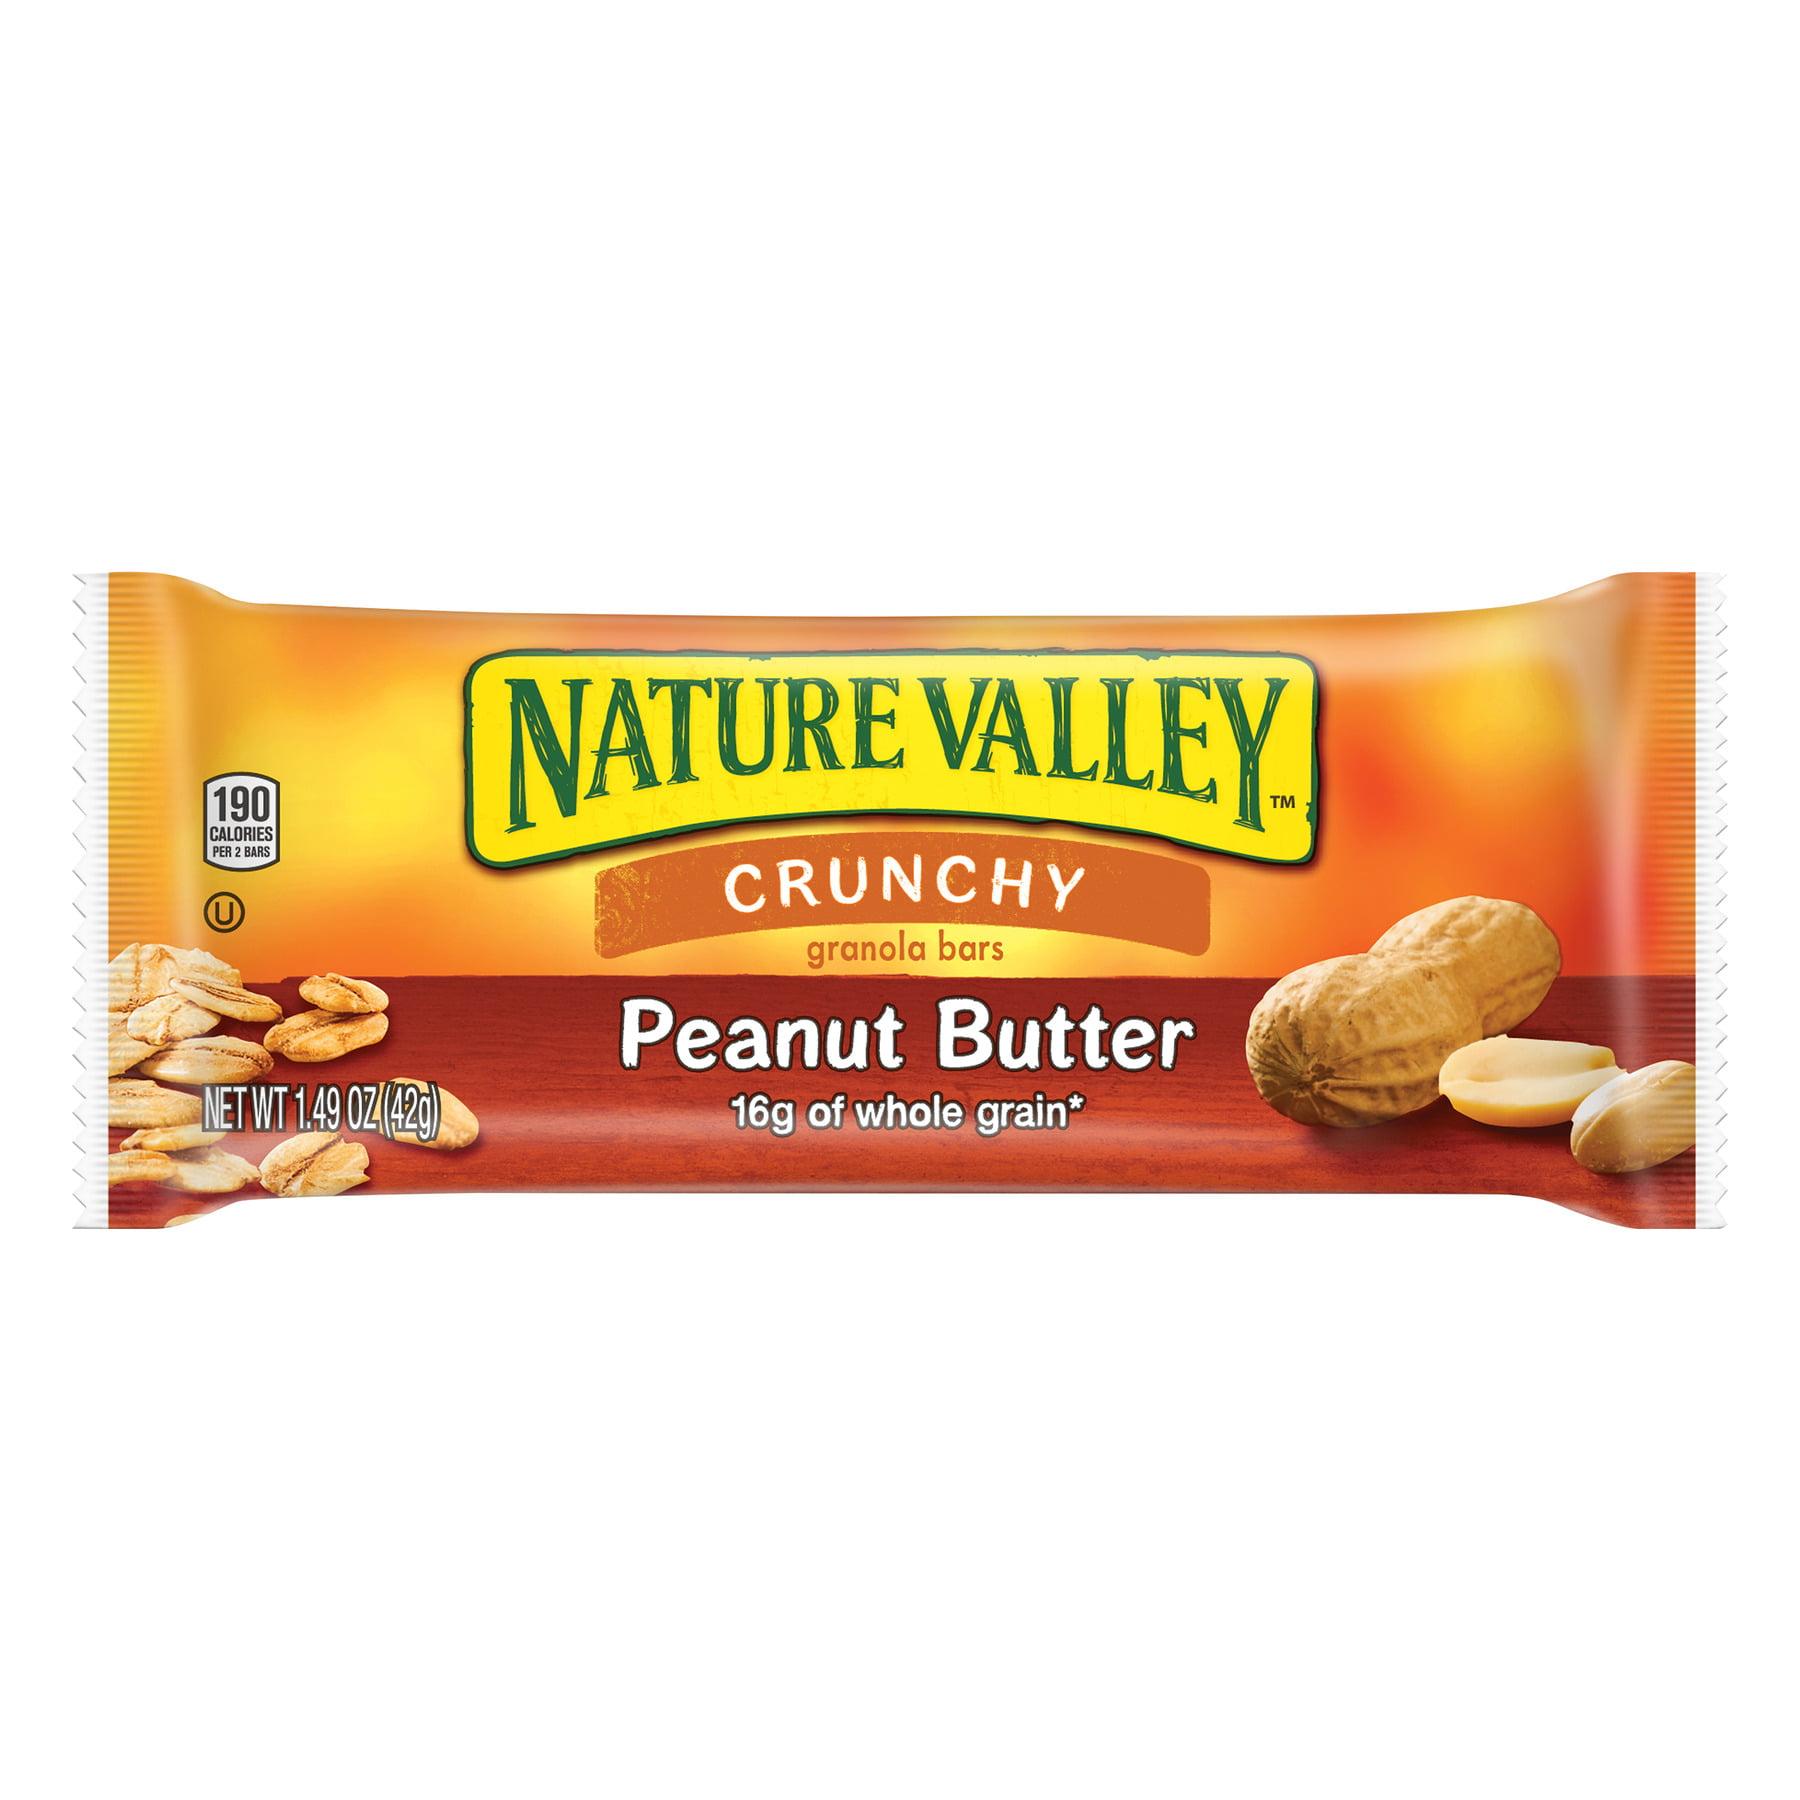 Nature Valley Peanut Butter Crunchy Bar